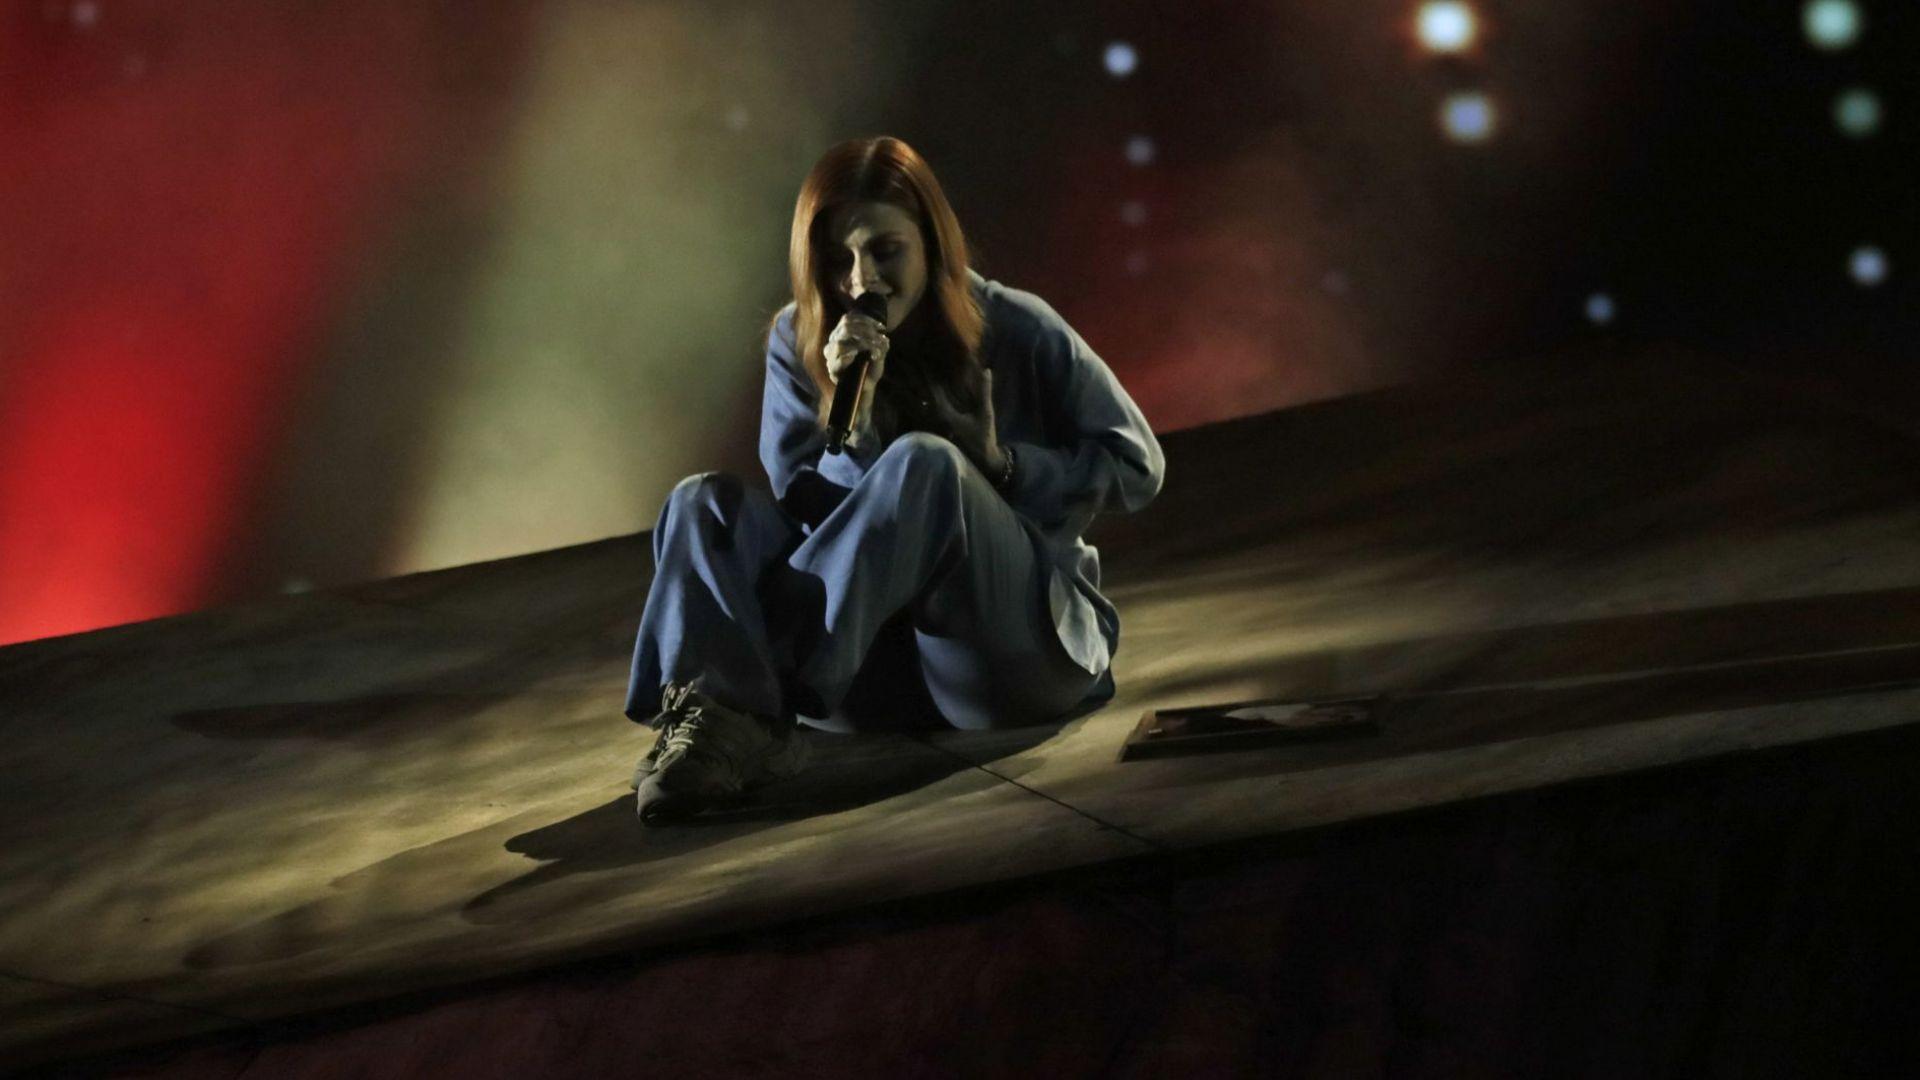 """Виктория Георгиева след финала: """"Евровизия"""" ме направи по-силна като човек и артист"""